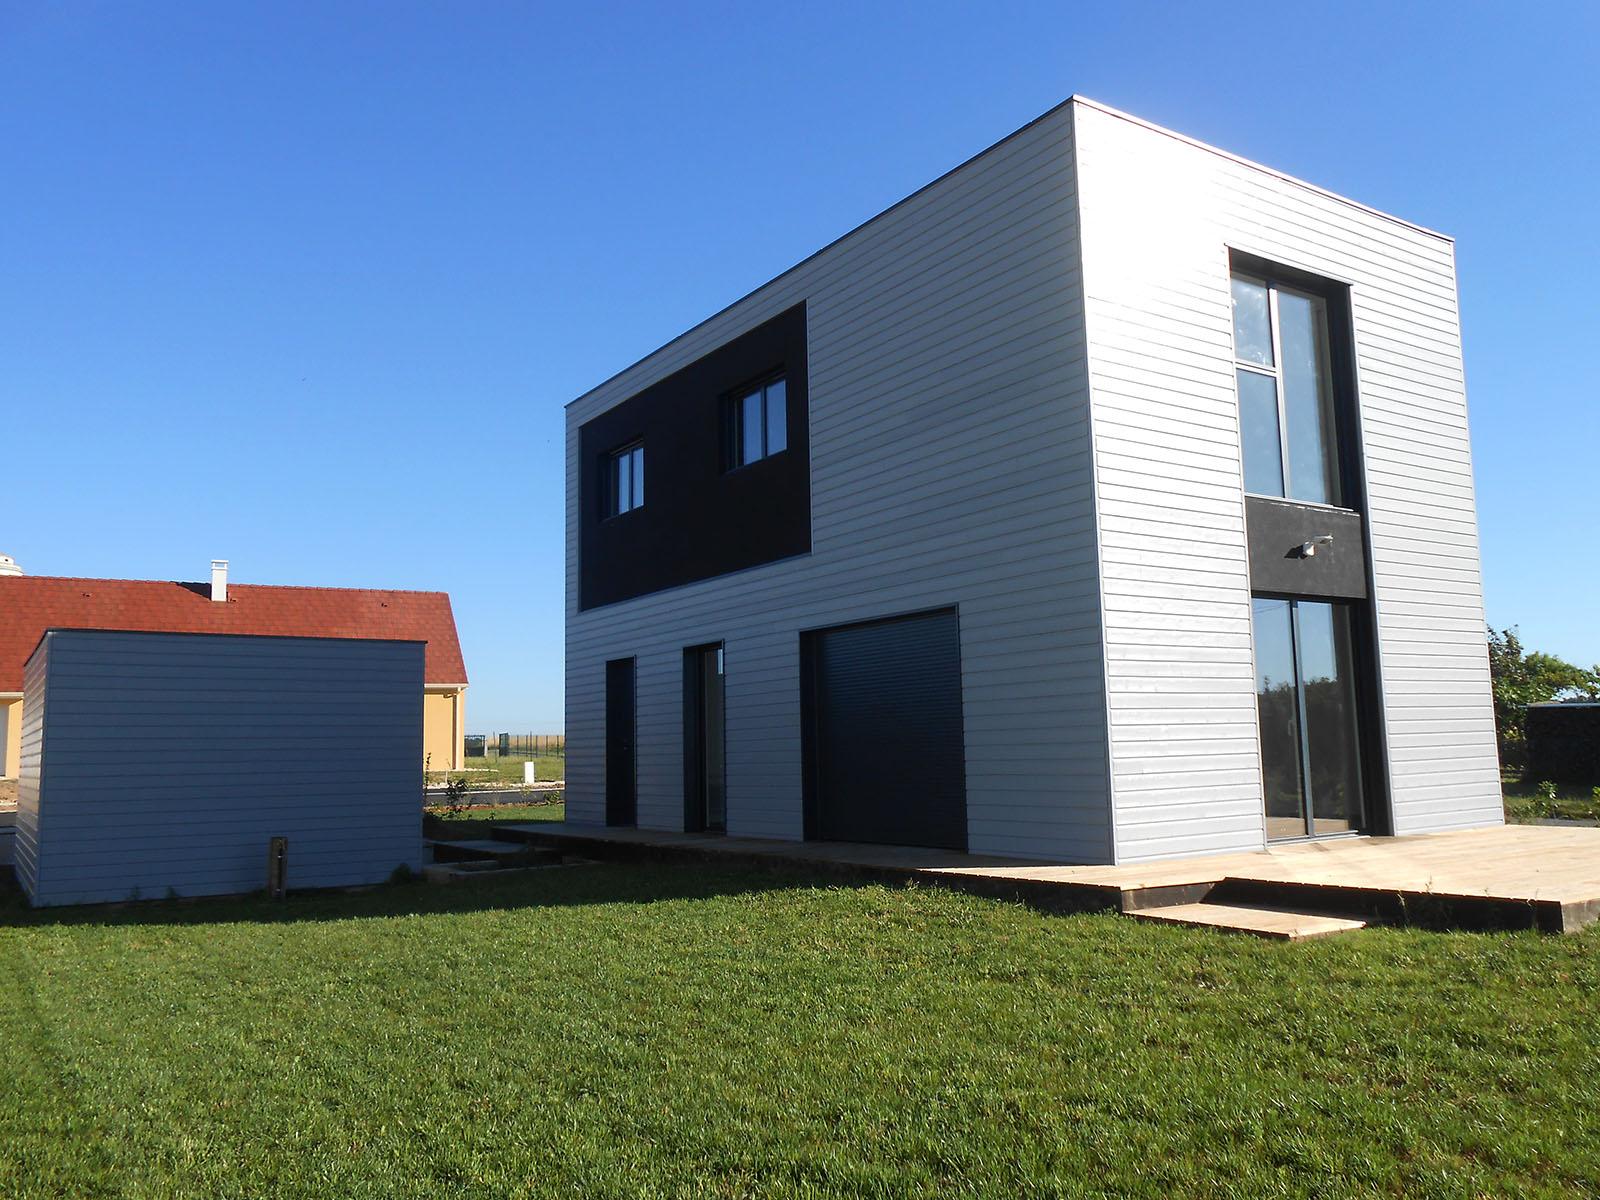 Neomenuiserie : Maison V - Loir et Cher - 41 - Houssay